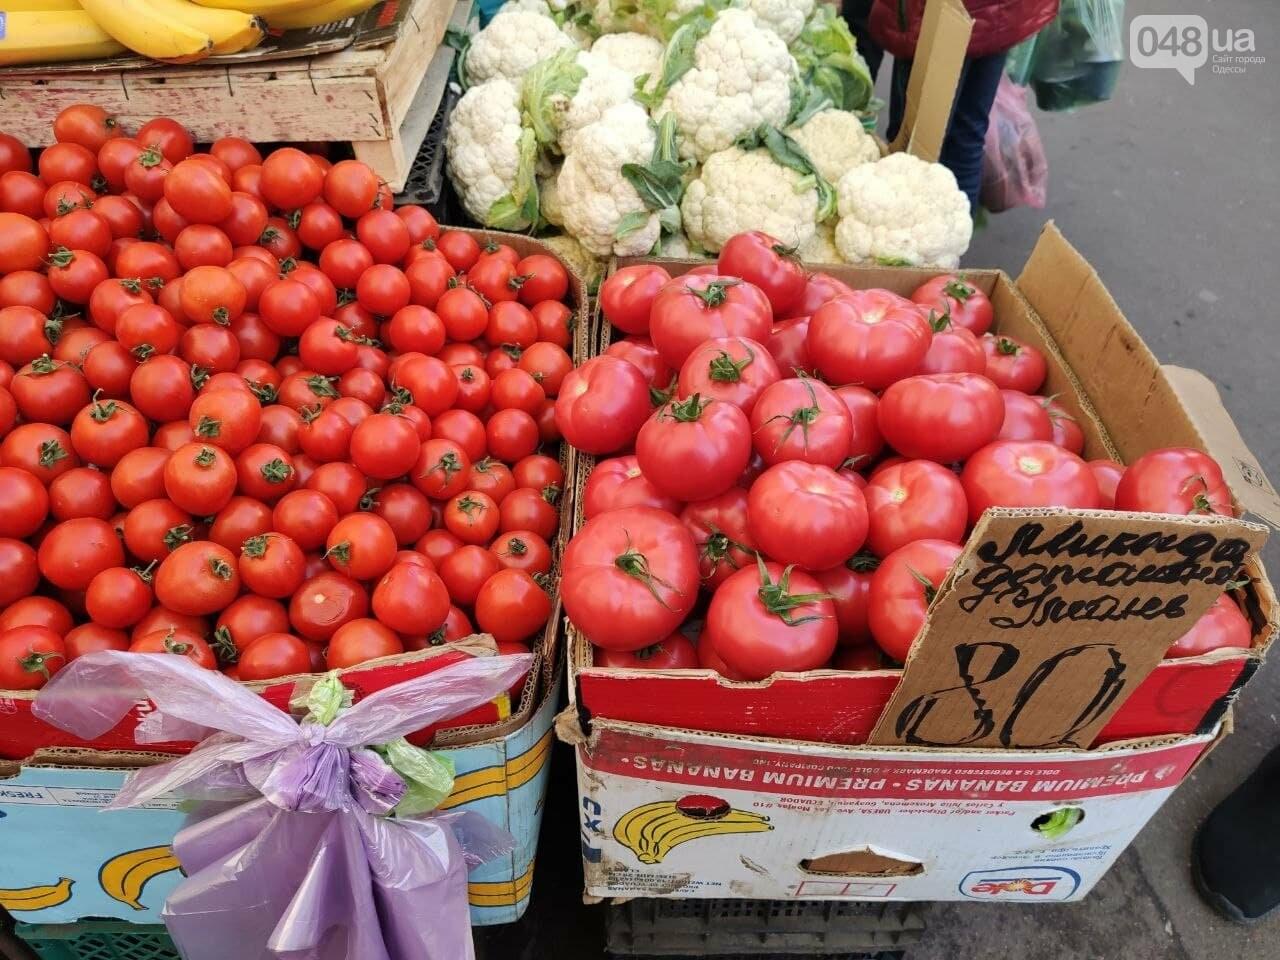 Молодой картофель, клубника, кабачки: почем на одесском Привозе овощи и фрукты, - ФОТО, фото-2